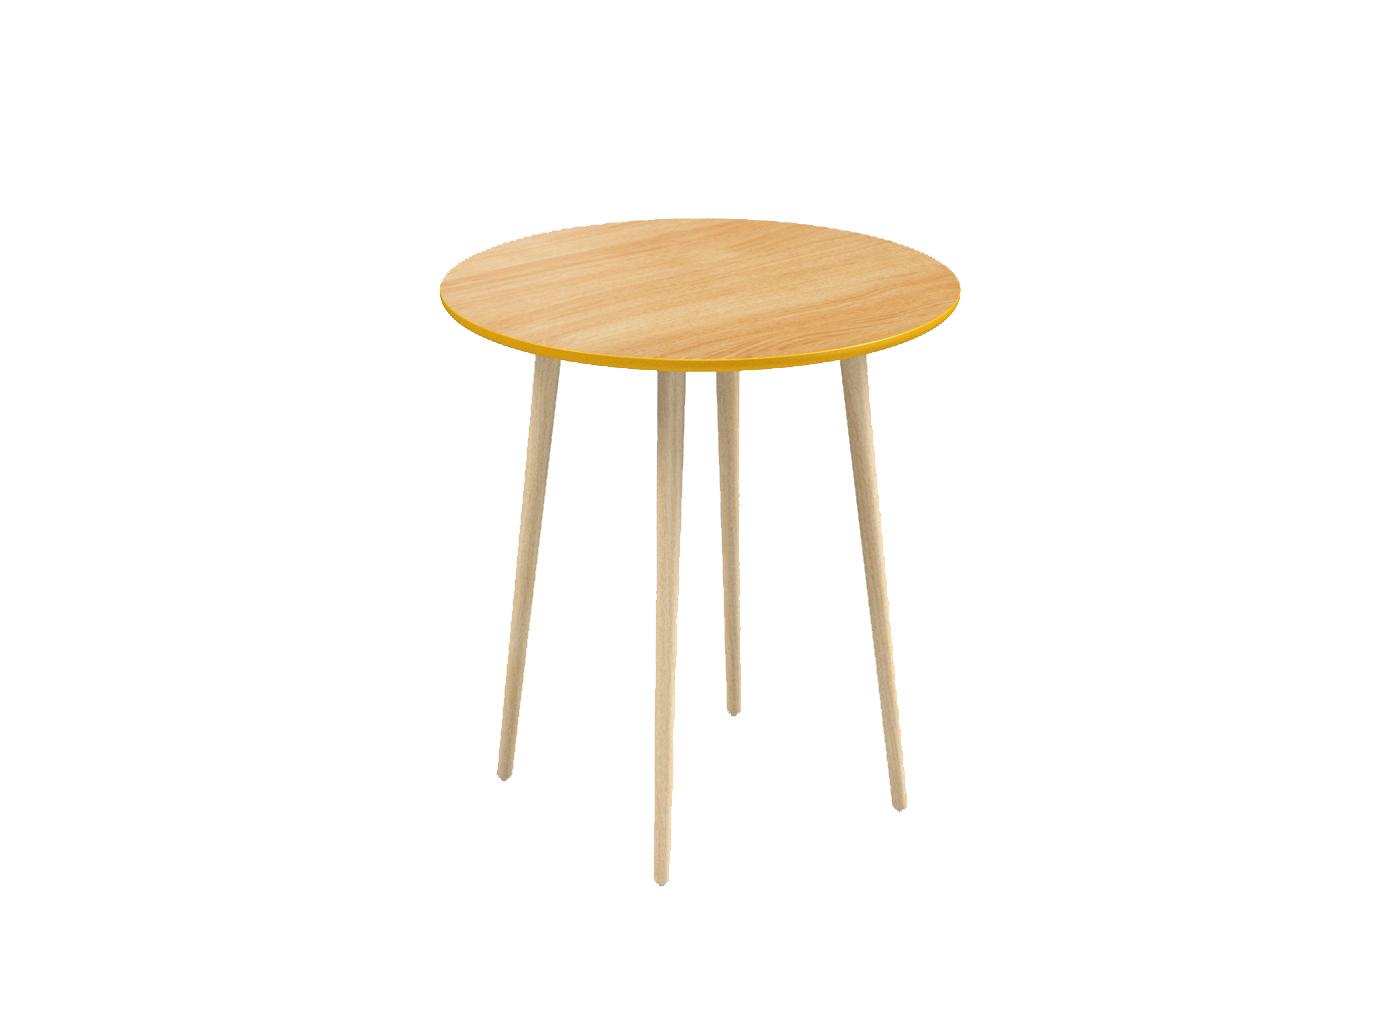 Стол СпутникПриставные столики<br>Woodi предлагает свою версию скандинавского обеденного<br>стола.<br>Классическая круглая форма и натуральные материалы -<br>отличительные черты нашего стола. Столешница, основание<br>и ножки представлены в двух цветах и материалах, которые<br>можно комбинировать по вашему желанию. Стол предназначен<br>для использования как в общественных зонах, так и<br>дома. Материал: Верх столешницы покрыт лакированным <br>натуральным шпоном,<br>низ столешницы покрашен в<br>желто-горчичный цвет;<br>ножки из березы – лакированные.Woodi предлагает свою версию скандинавского обеденного<br>стола.<br>Классическая круглая форма и натуральные материалы -<br>отличительные черты нашего стола. Столешница, основание<br>и ножки представлены в двух цветах и материалах, которые<br>можно комбинировать по вашему желанию. Стол предназначен<br>для использования как в общественных зонах, так и<br>дома. Материал: Верх столешницы покрыт лакированным <br>натуральным шпоном,<br>низ столешницы покрашен в<br>желто-горчичный цвет;<br>ножки из березы – лакированные.<br><br>Material: Береза<br>Width см: None<br>Depth см: None<br>Height см: 75<br>Diameter см: 70